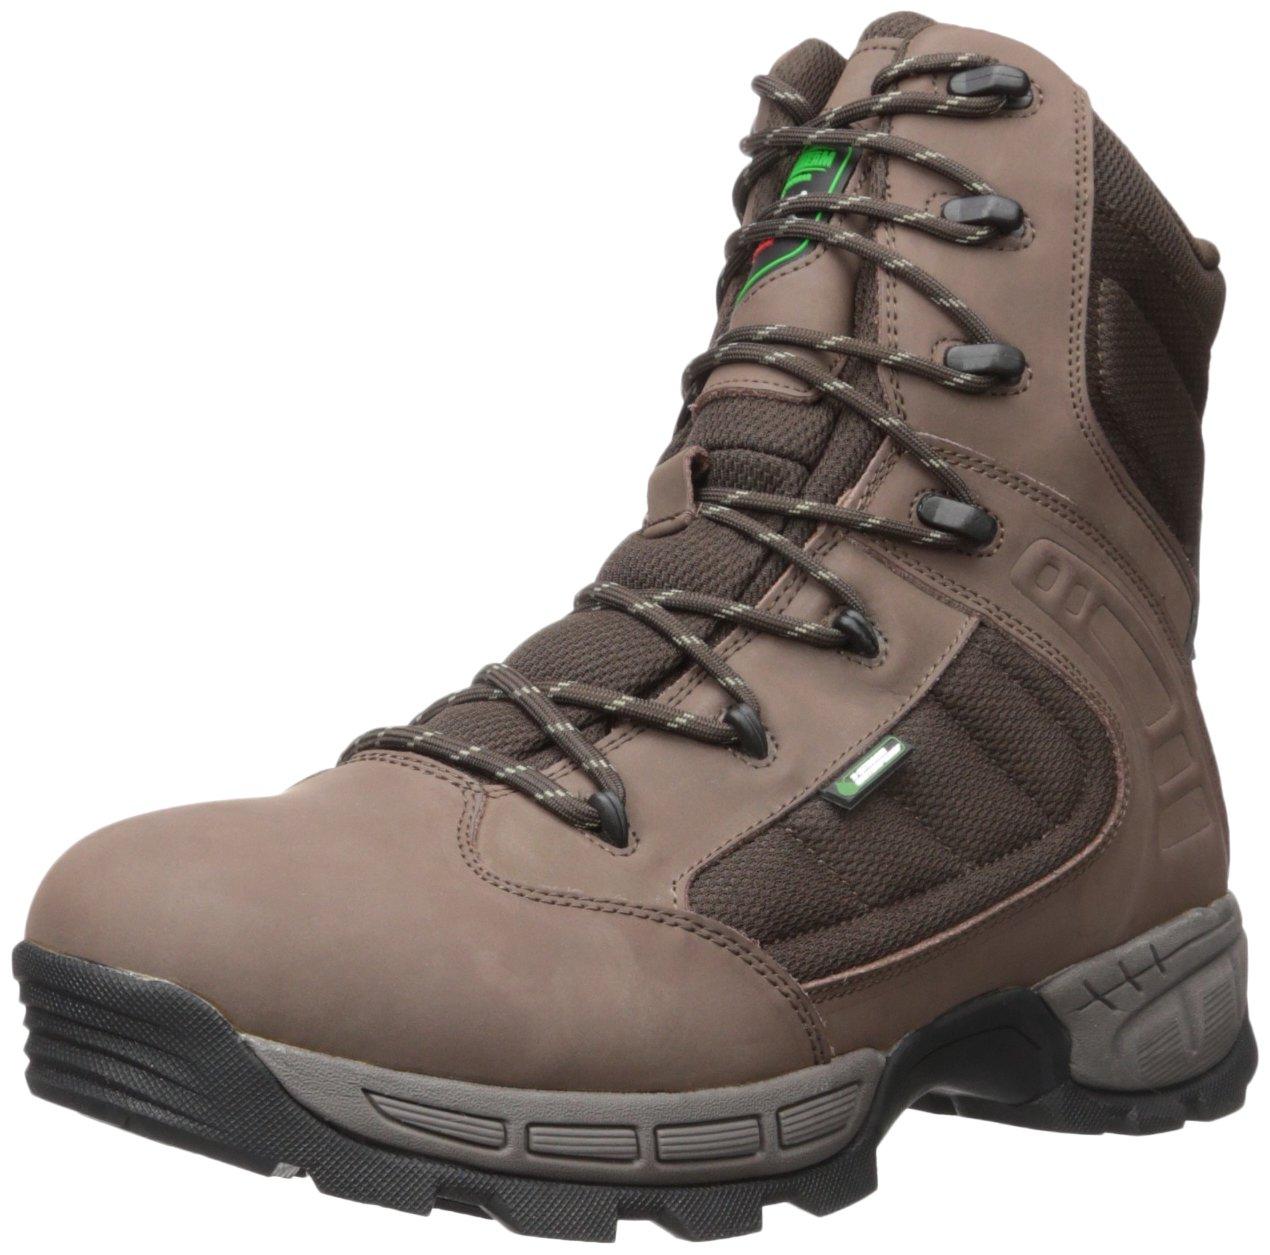 WOOD N' STREAM Men's Gunner 8'' Hunting Shoes, Brown, 8 M US